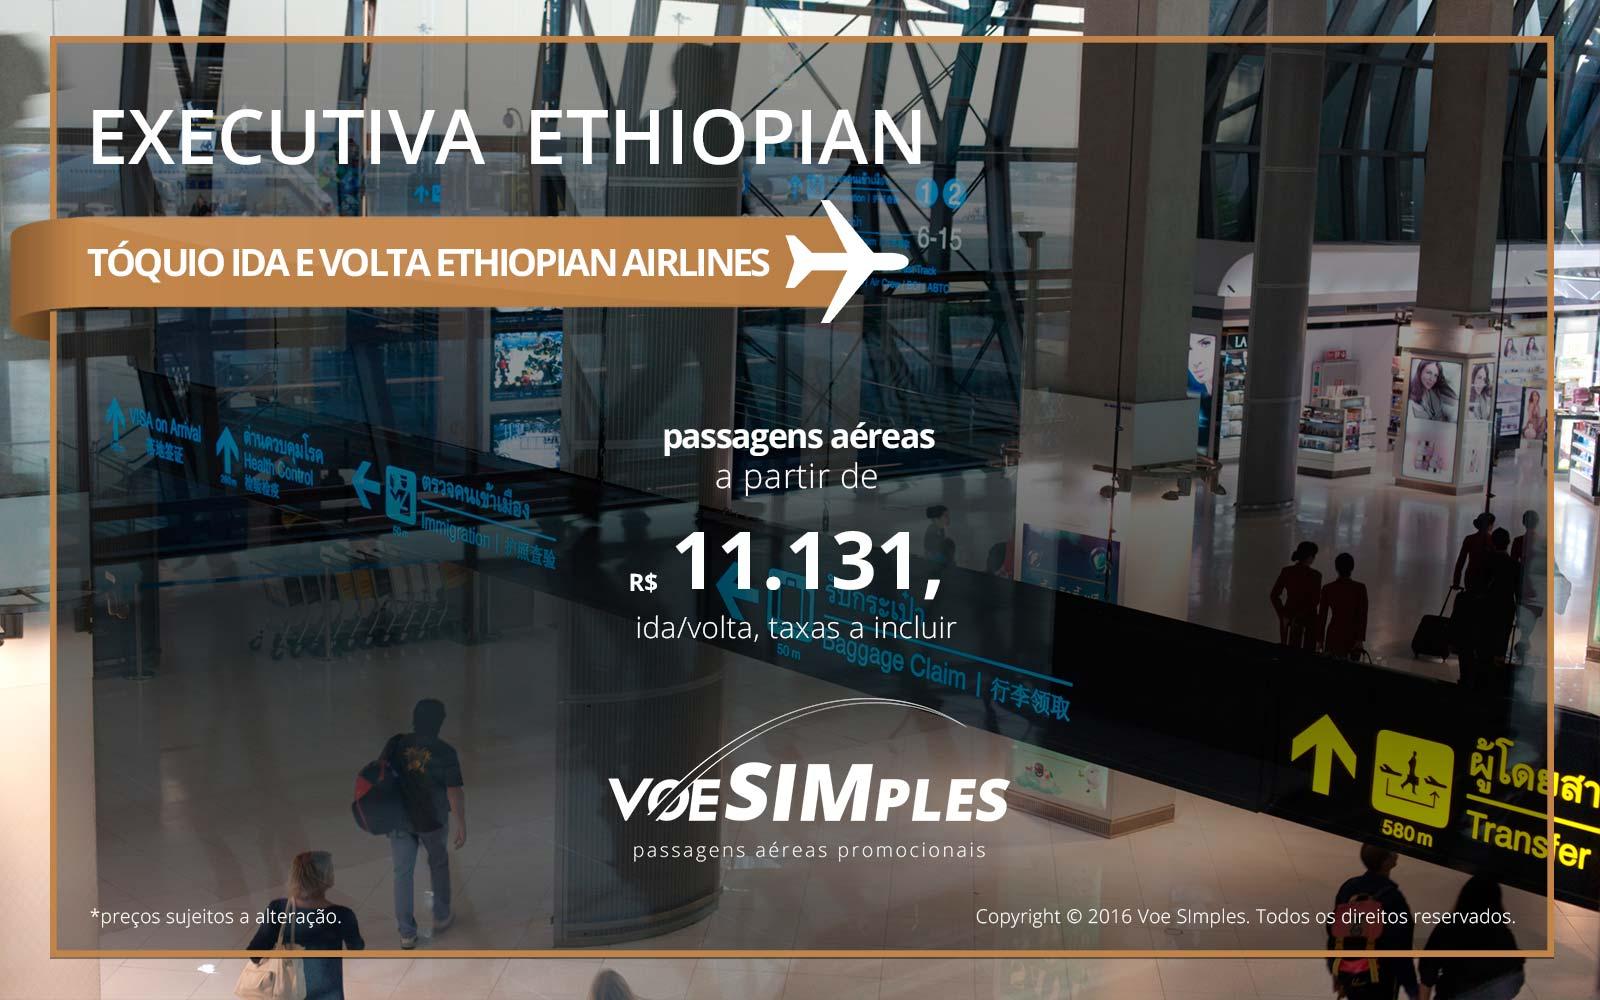 Passagens aéreas Classe Executiva Ethiopian Airlines para Tóquio